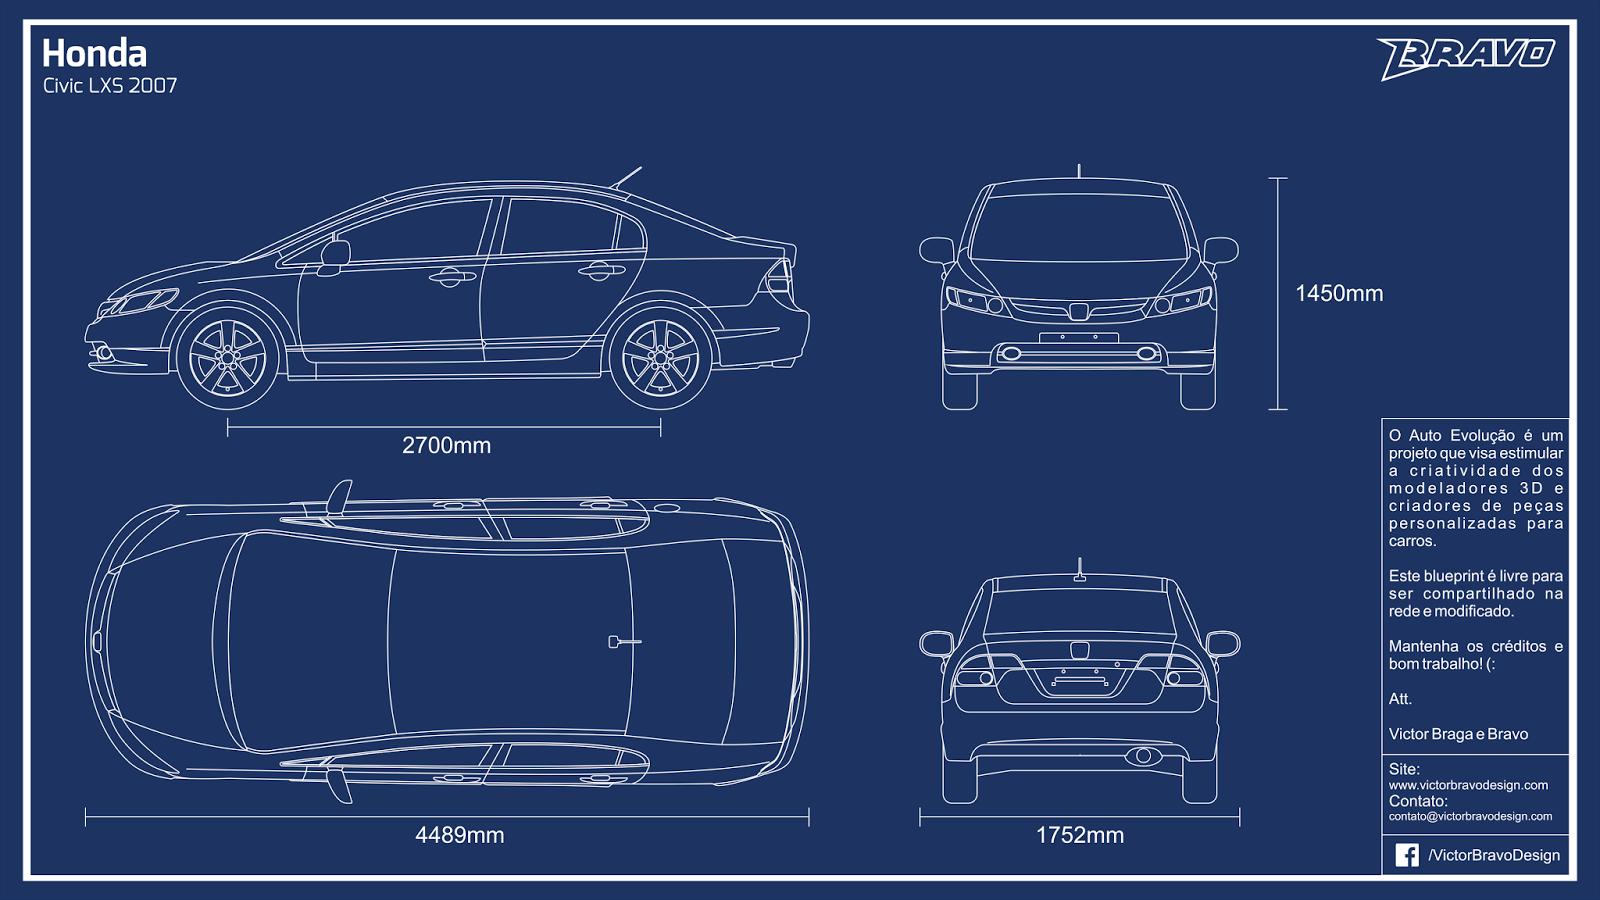 Imagem mostrando o blueprint do Honda Civic LXS 2007